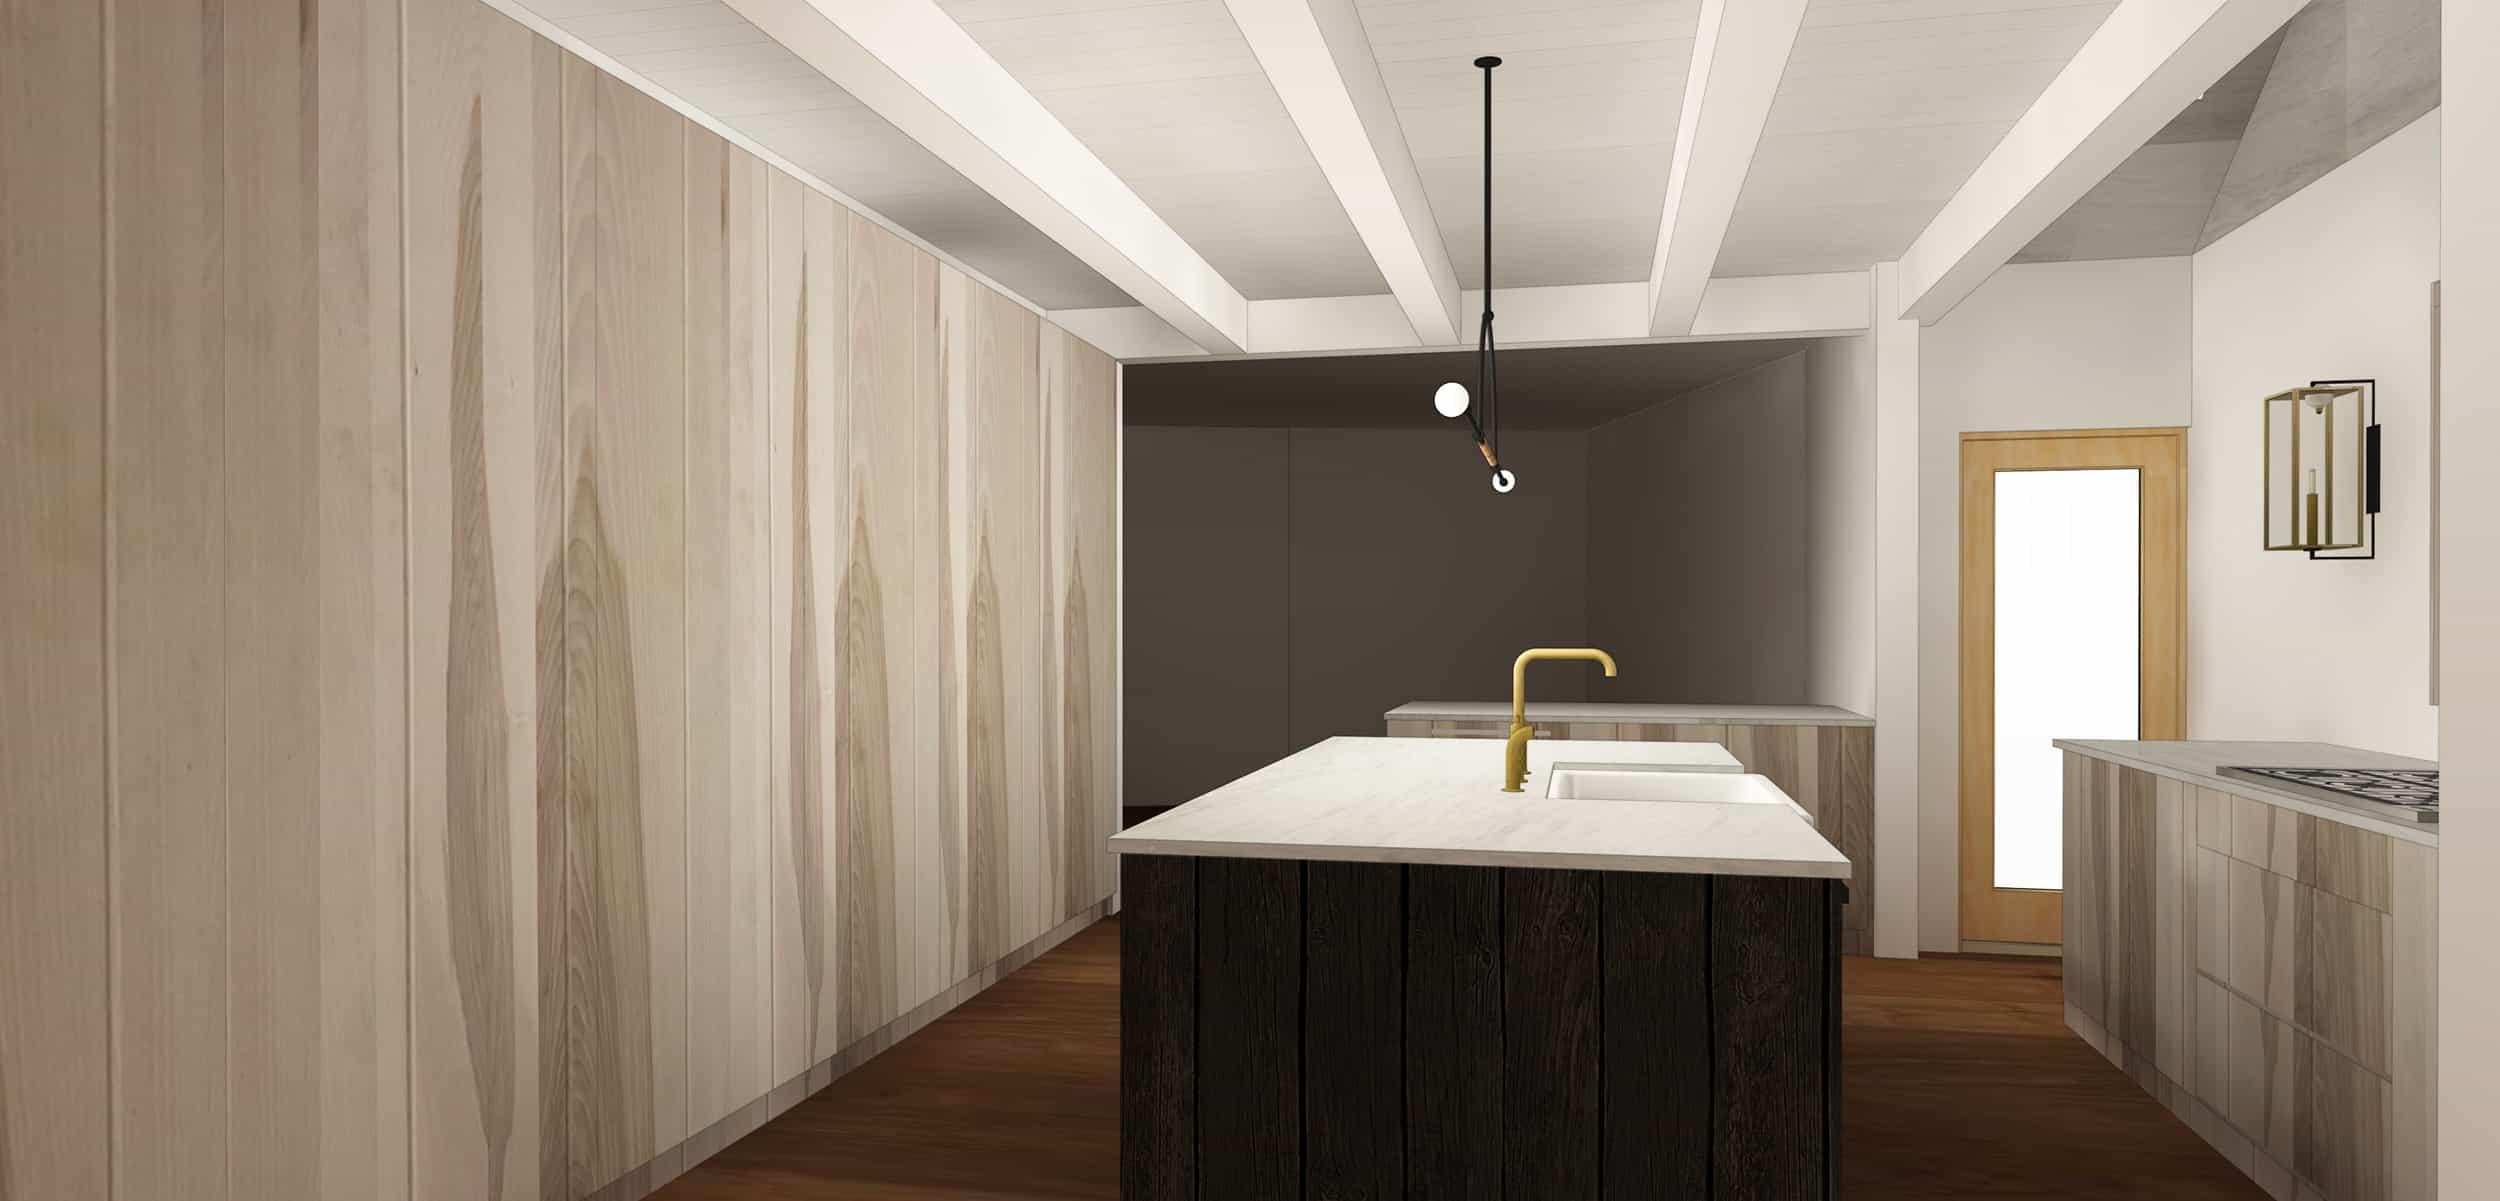 Emily Henderson Mountain House Kitchen Evolution Kitchensumnt Alder 01 Final